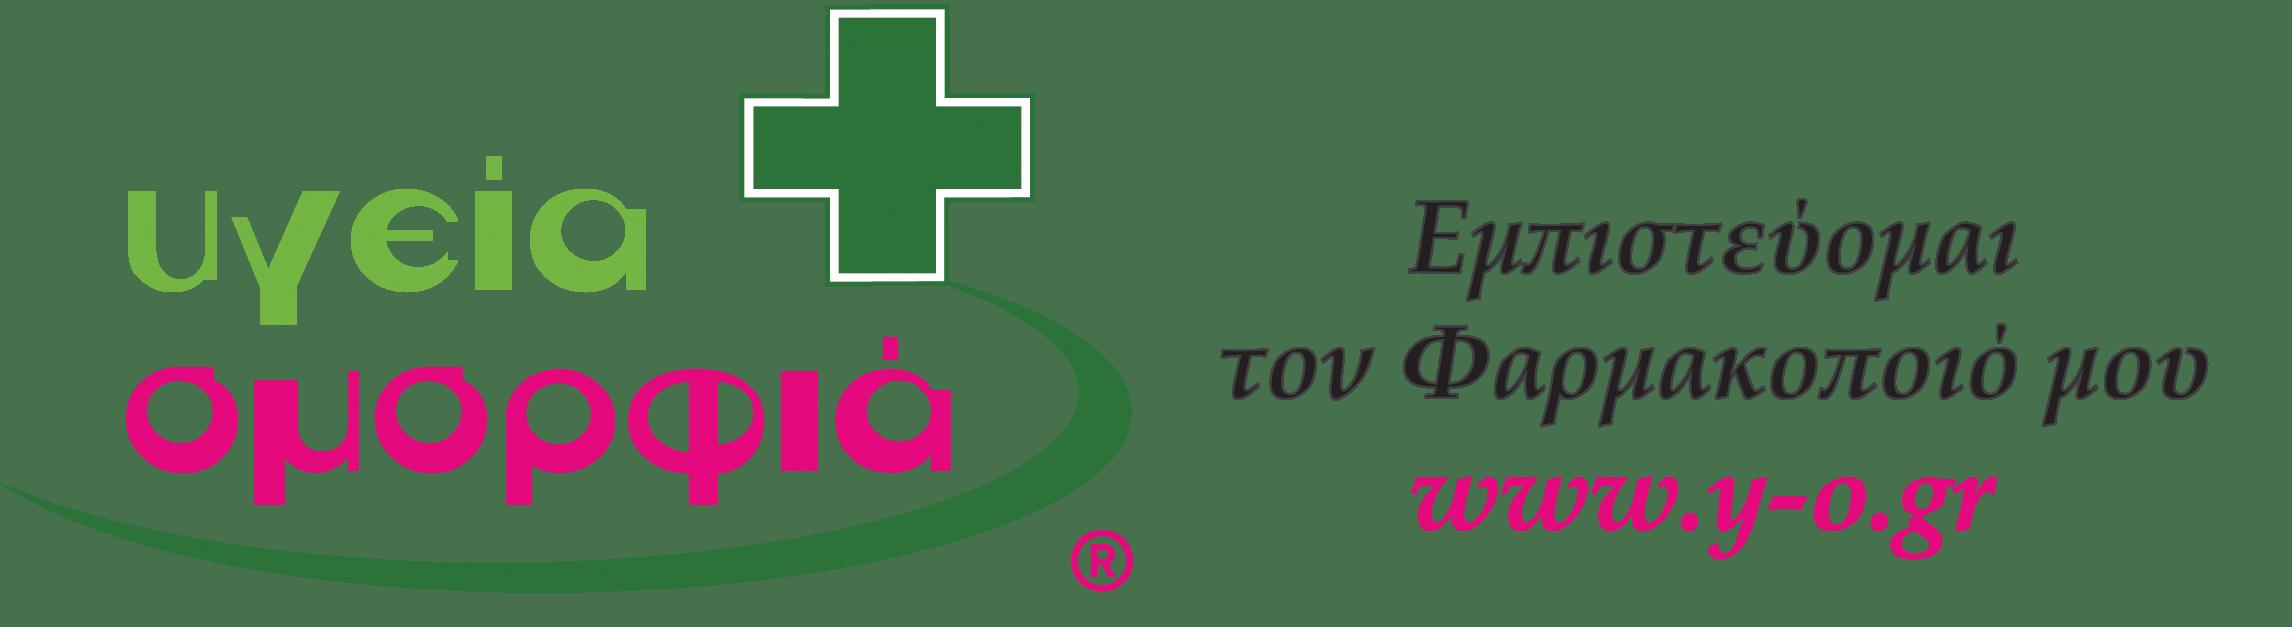 Υγεία και Ομορφιά - Εμπιστεύομαι τον Φαρμακοποιό μου